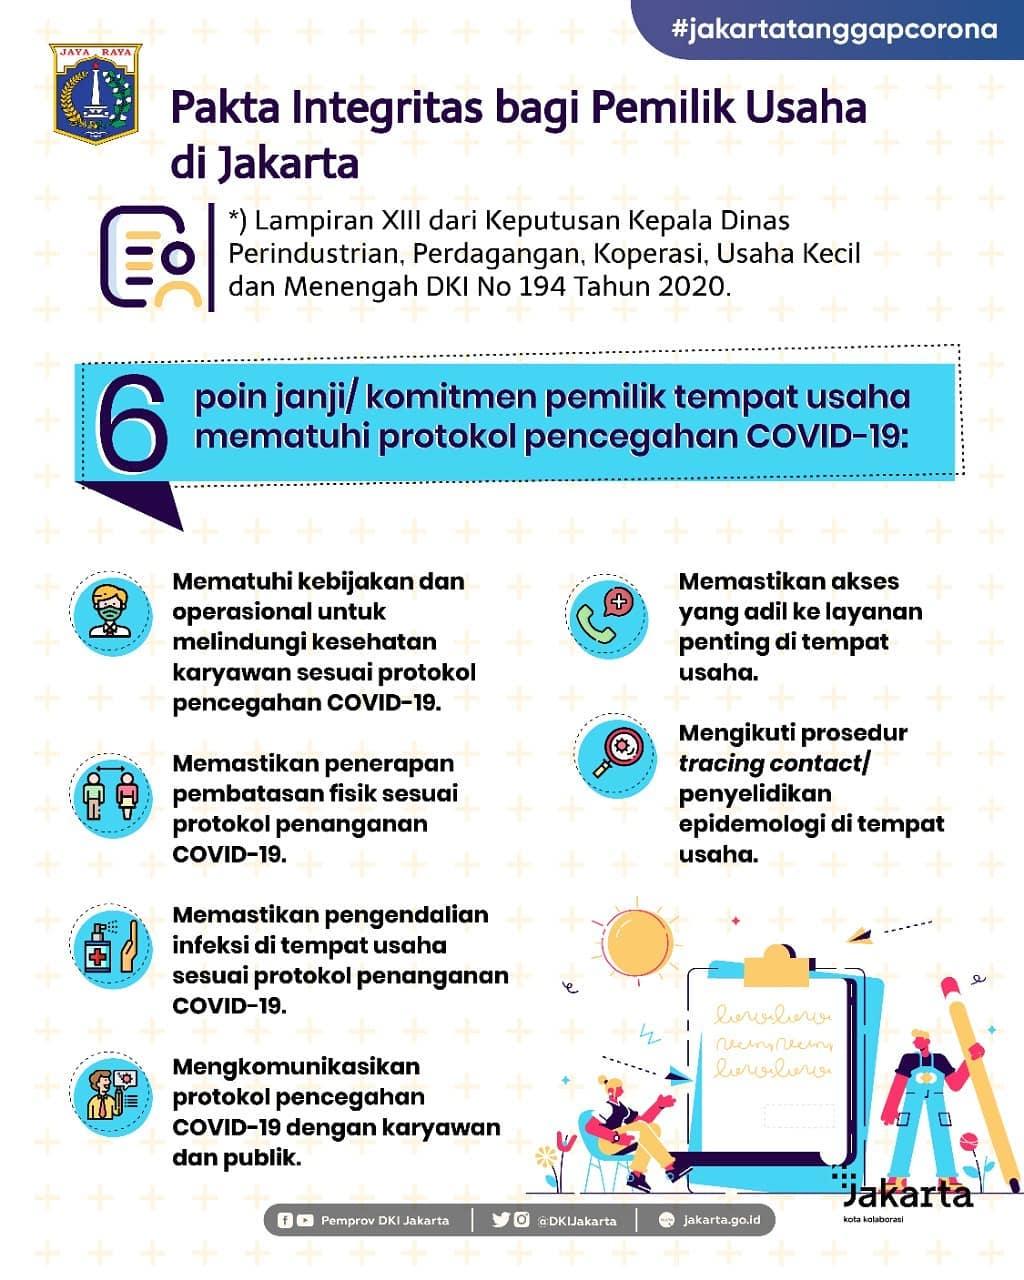 Pakta Integritas bagi Pemilik Usaha di Jakarta